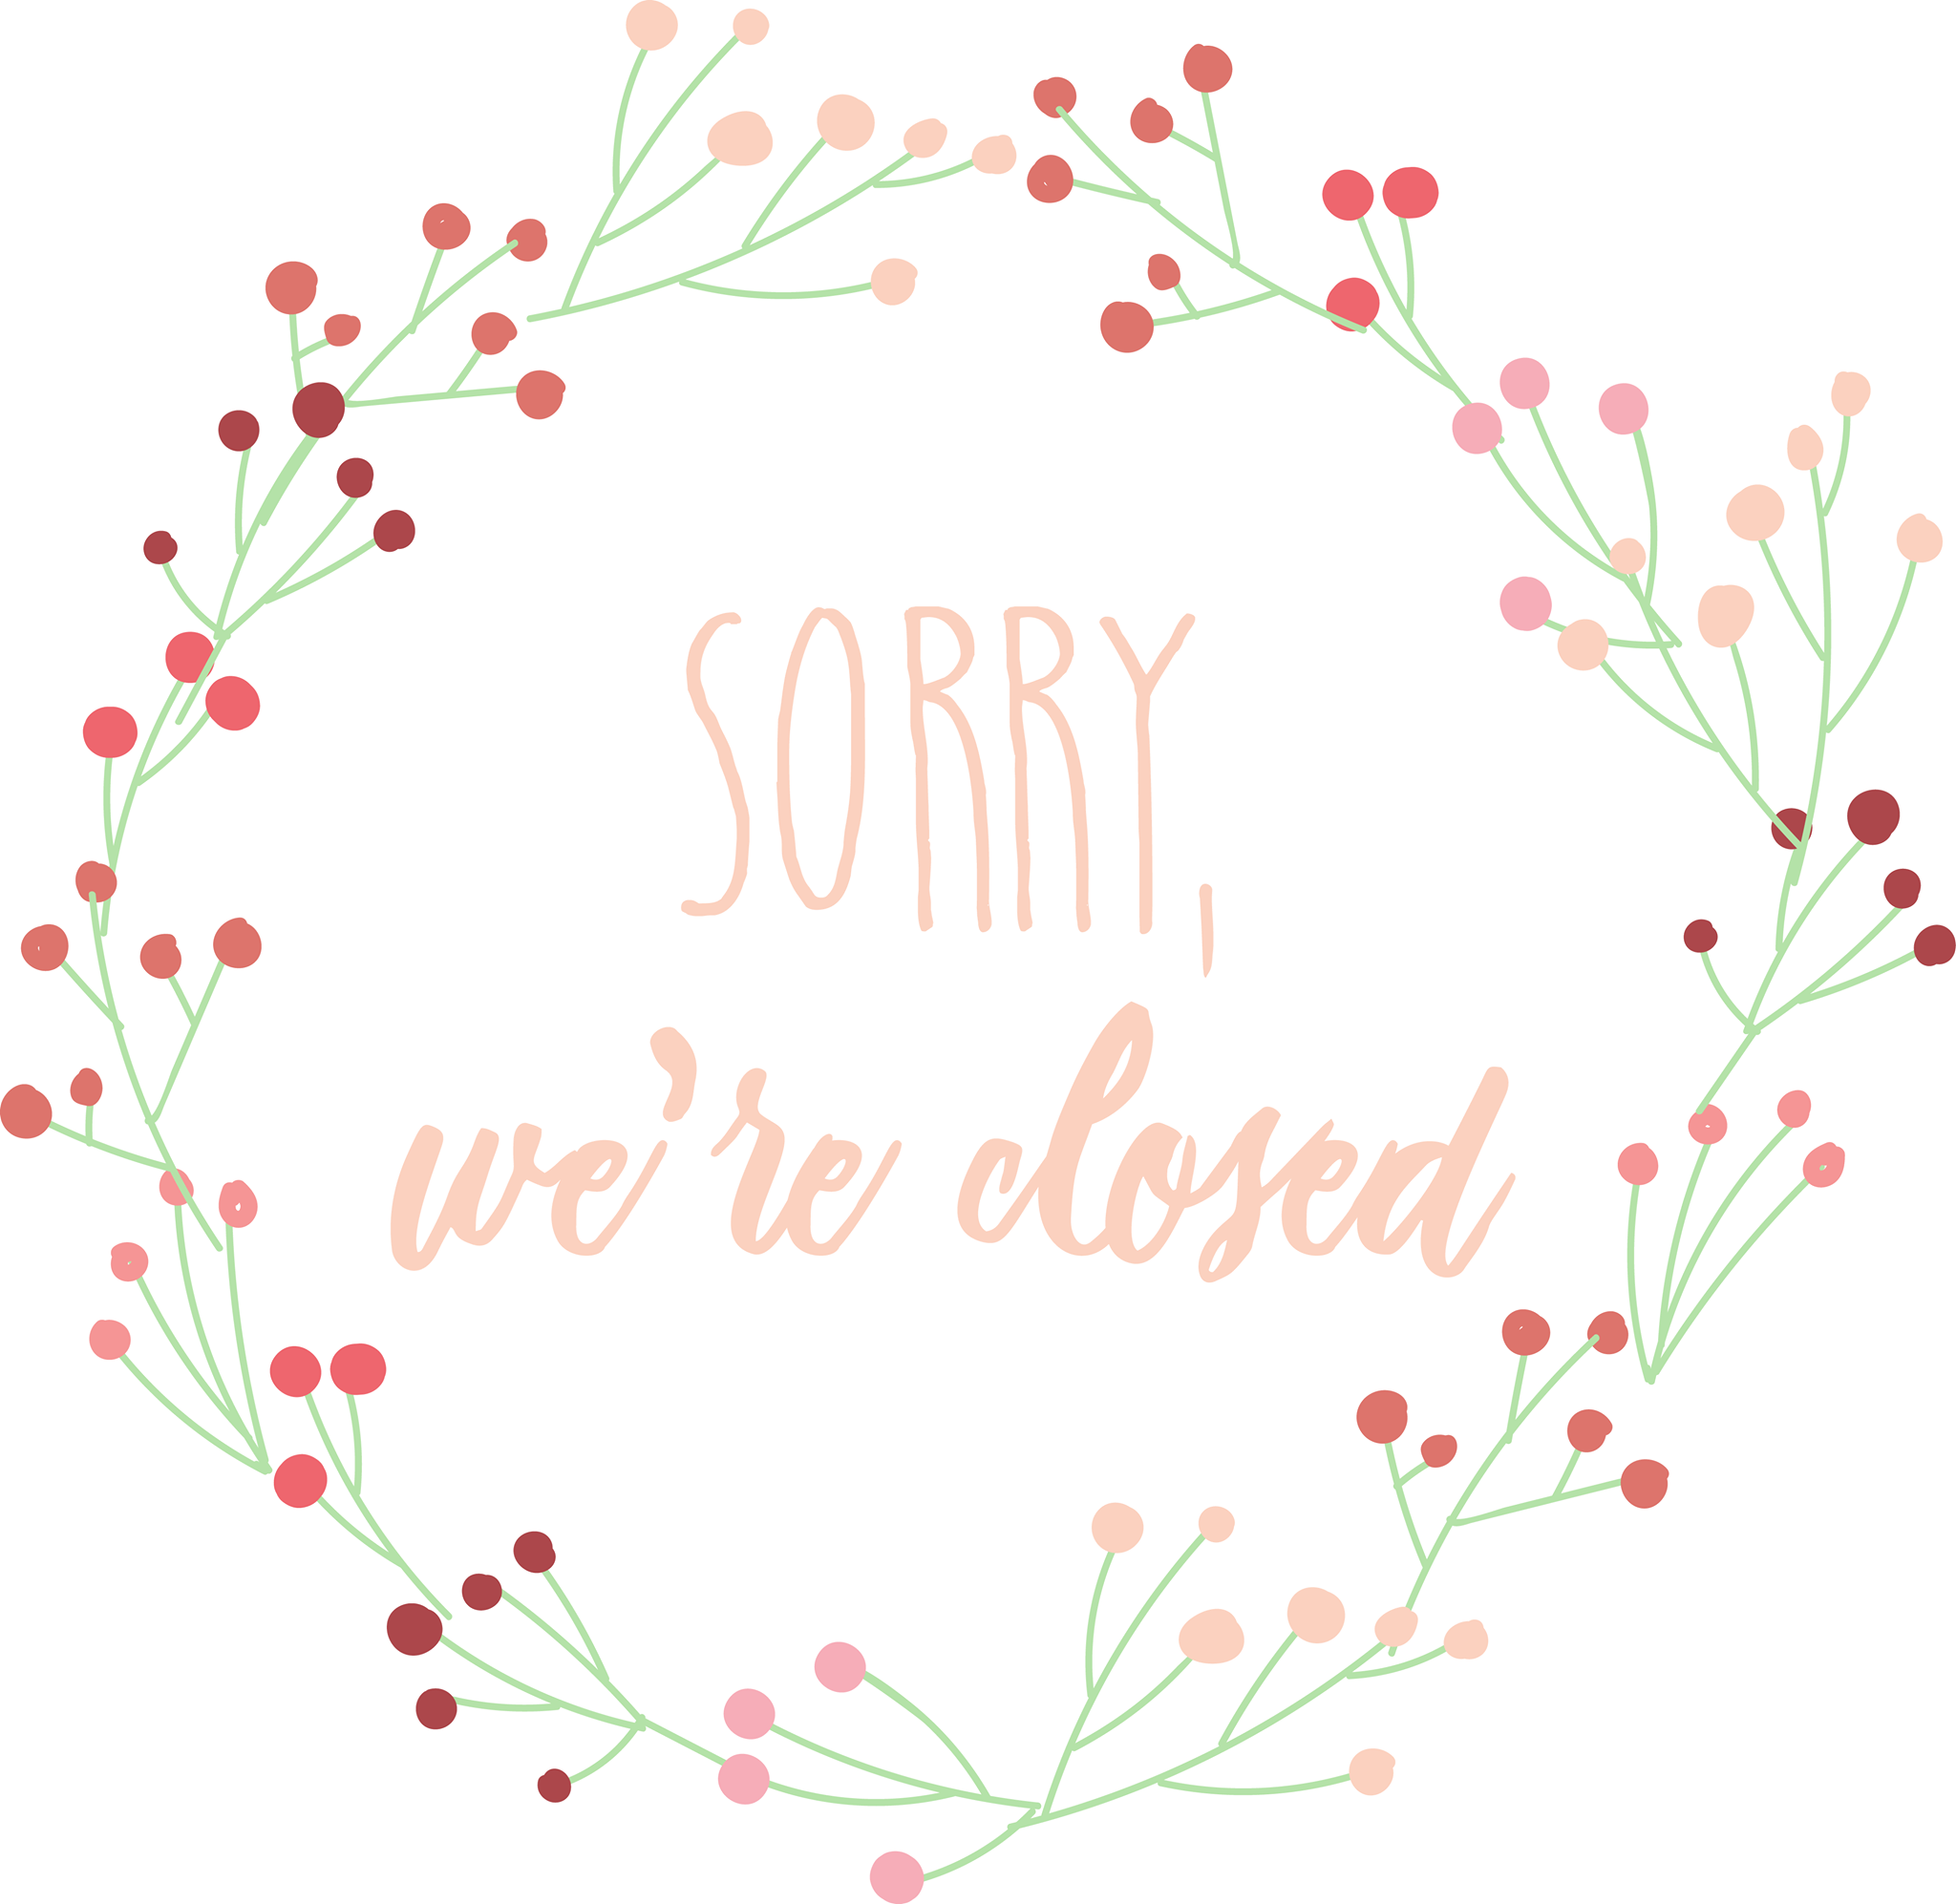 Sorry we re closed Dental di 2019